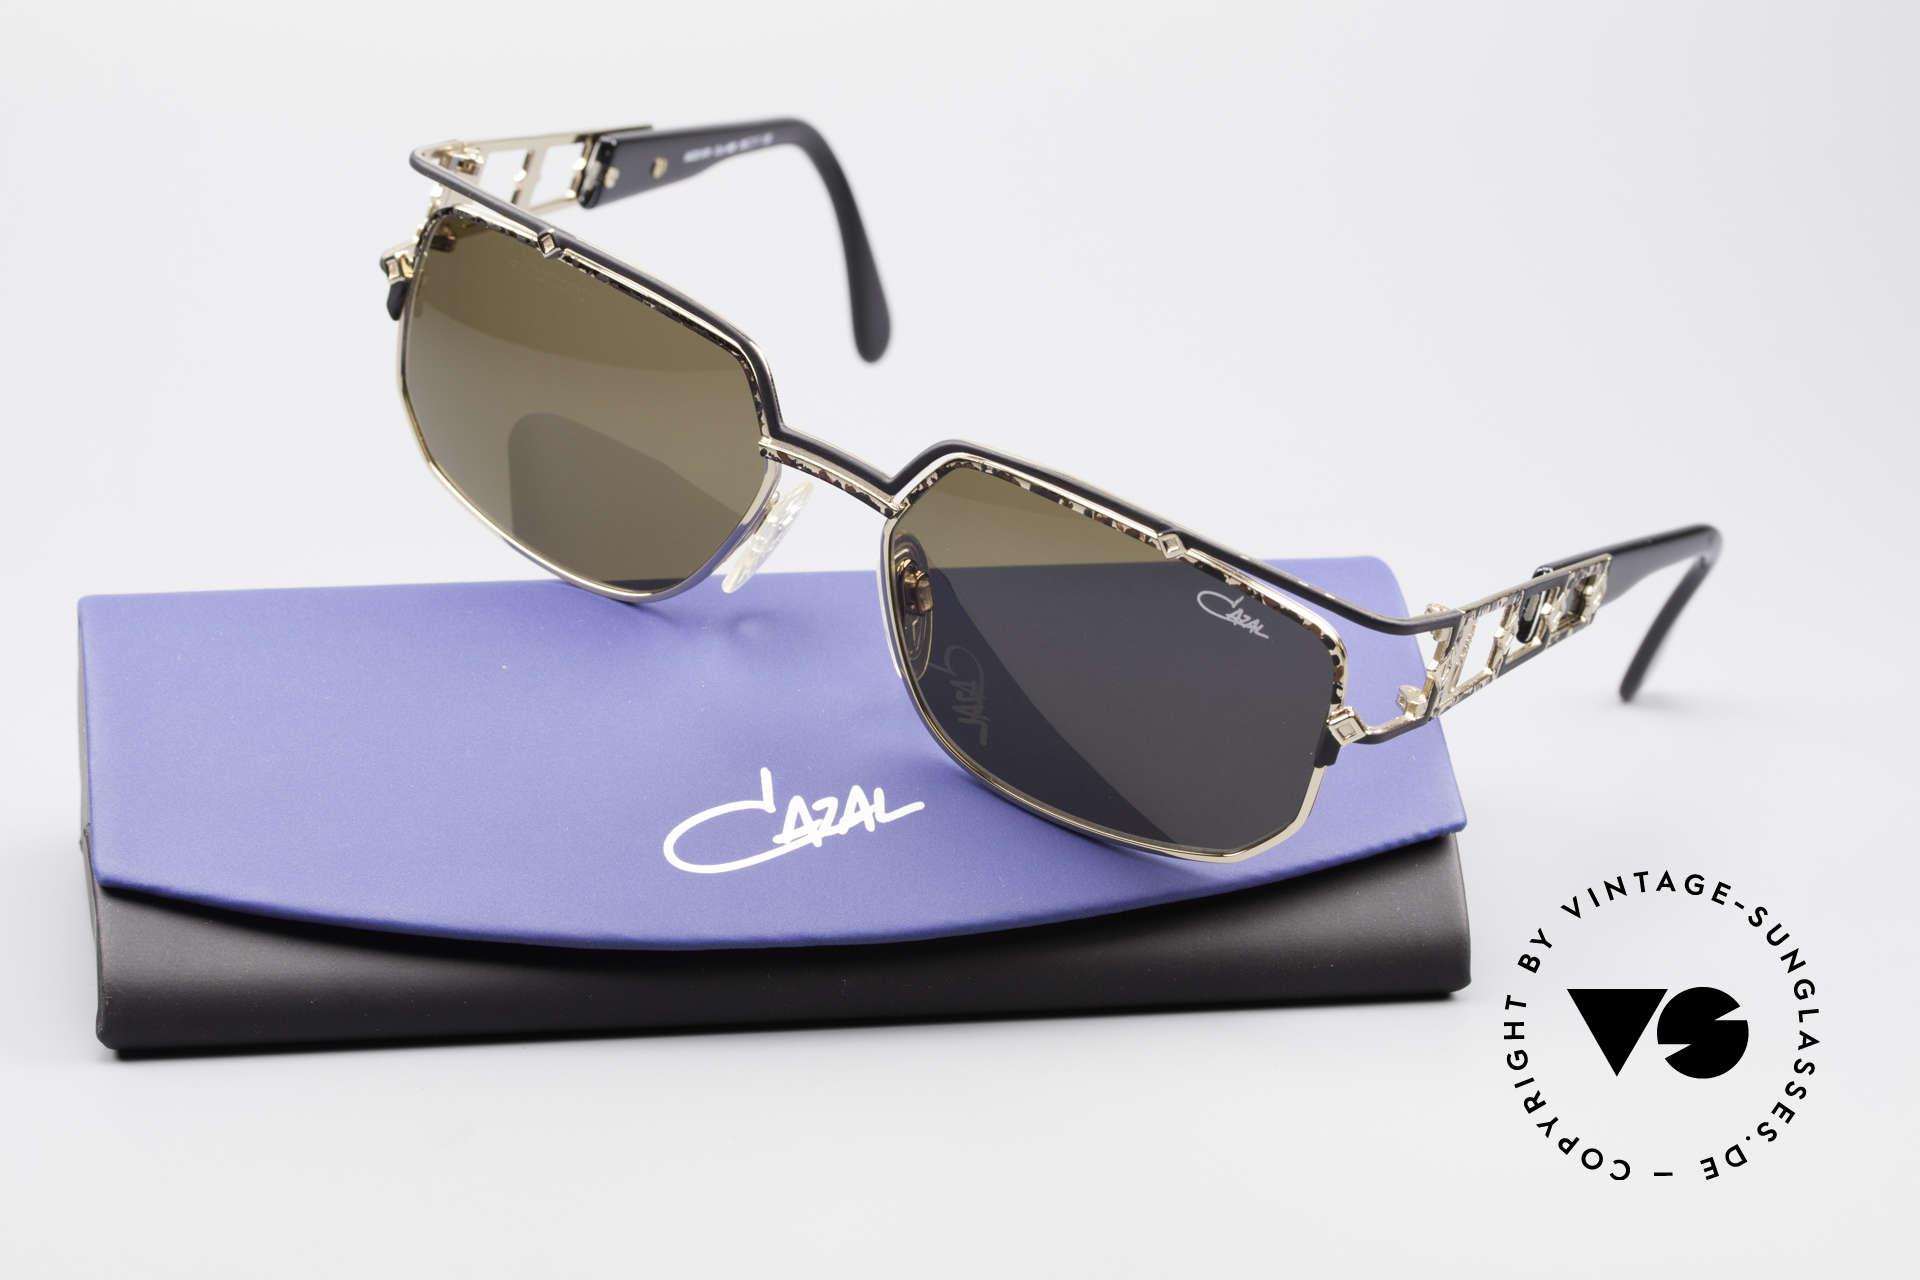 Cazal 979 Vintage Sonnenbrille Damen, orig. braune CAZAL Sonnengläser für 100% UV Schutz, Passend für Damen